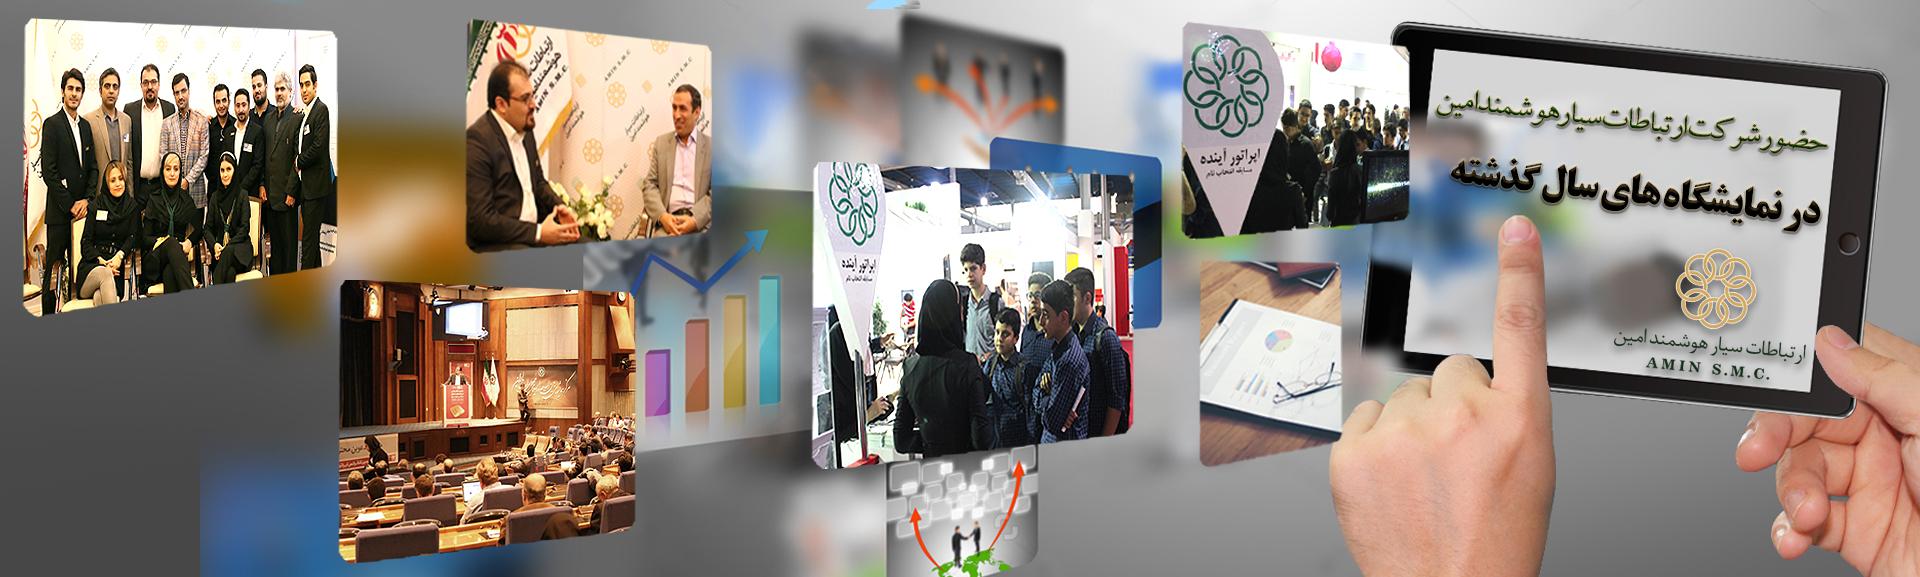 حضور شرکت ارتباطات سیار هوشمند امین در نمایشگاه های کشور